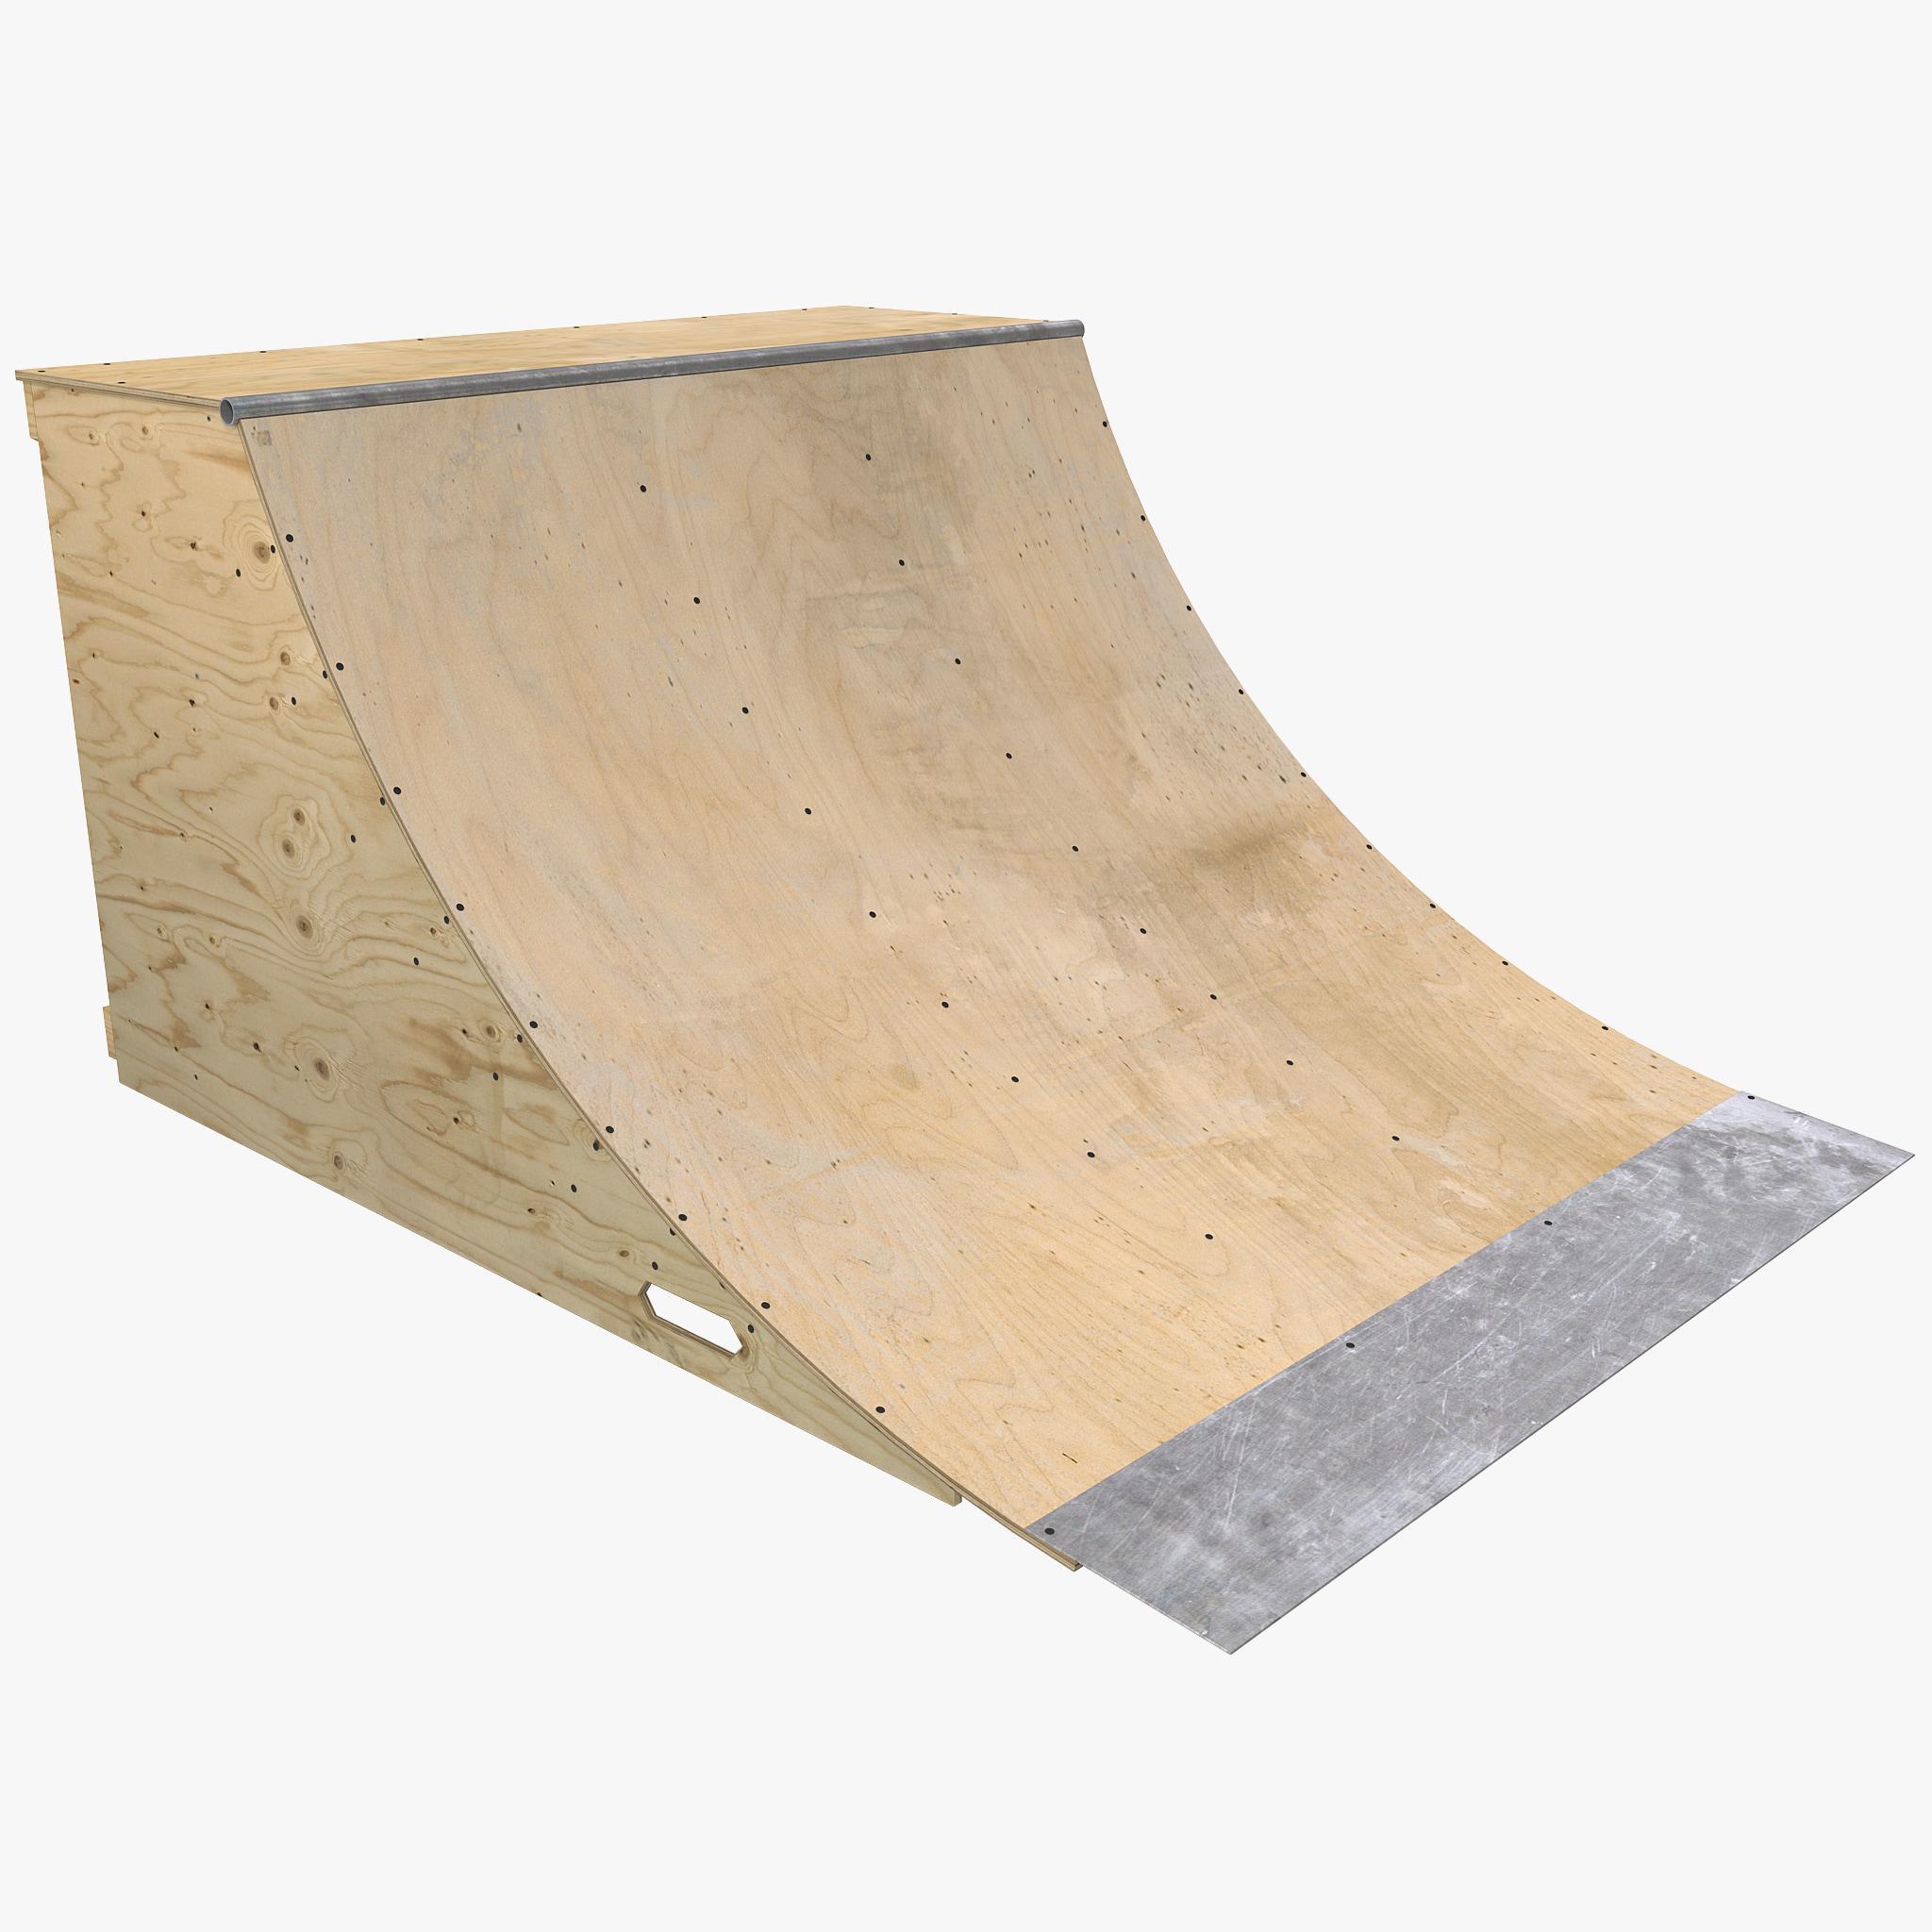 Skate+Ramps 3d model of quarter pipe skate ramp